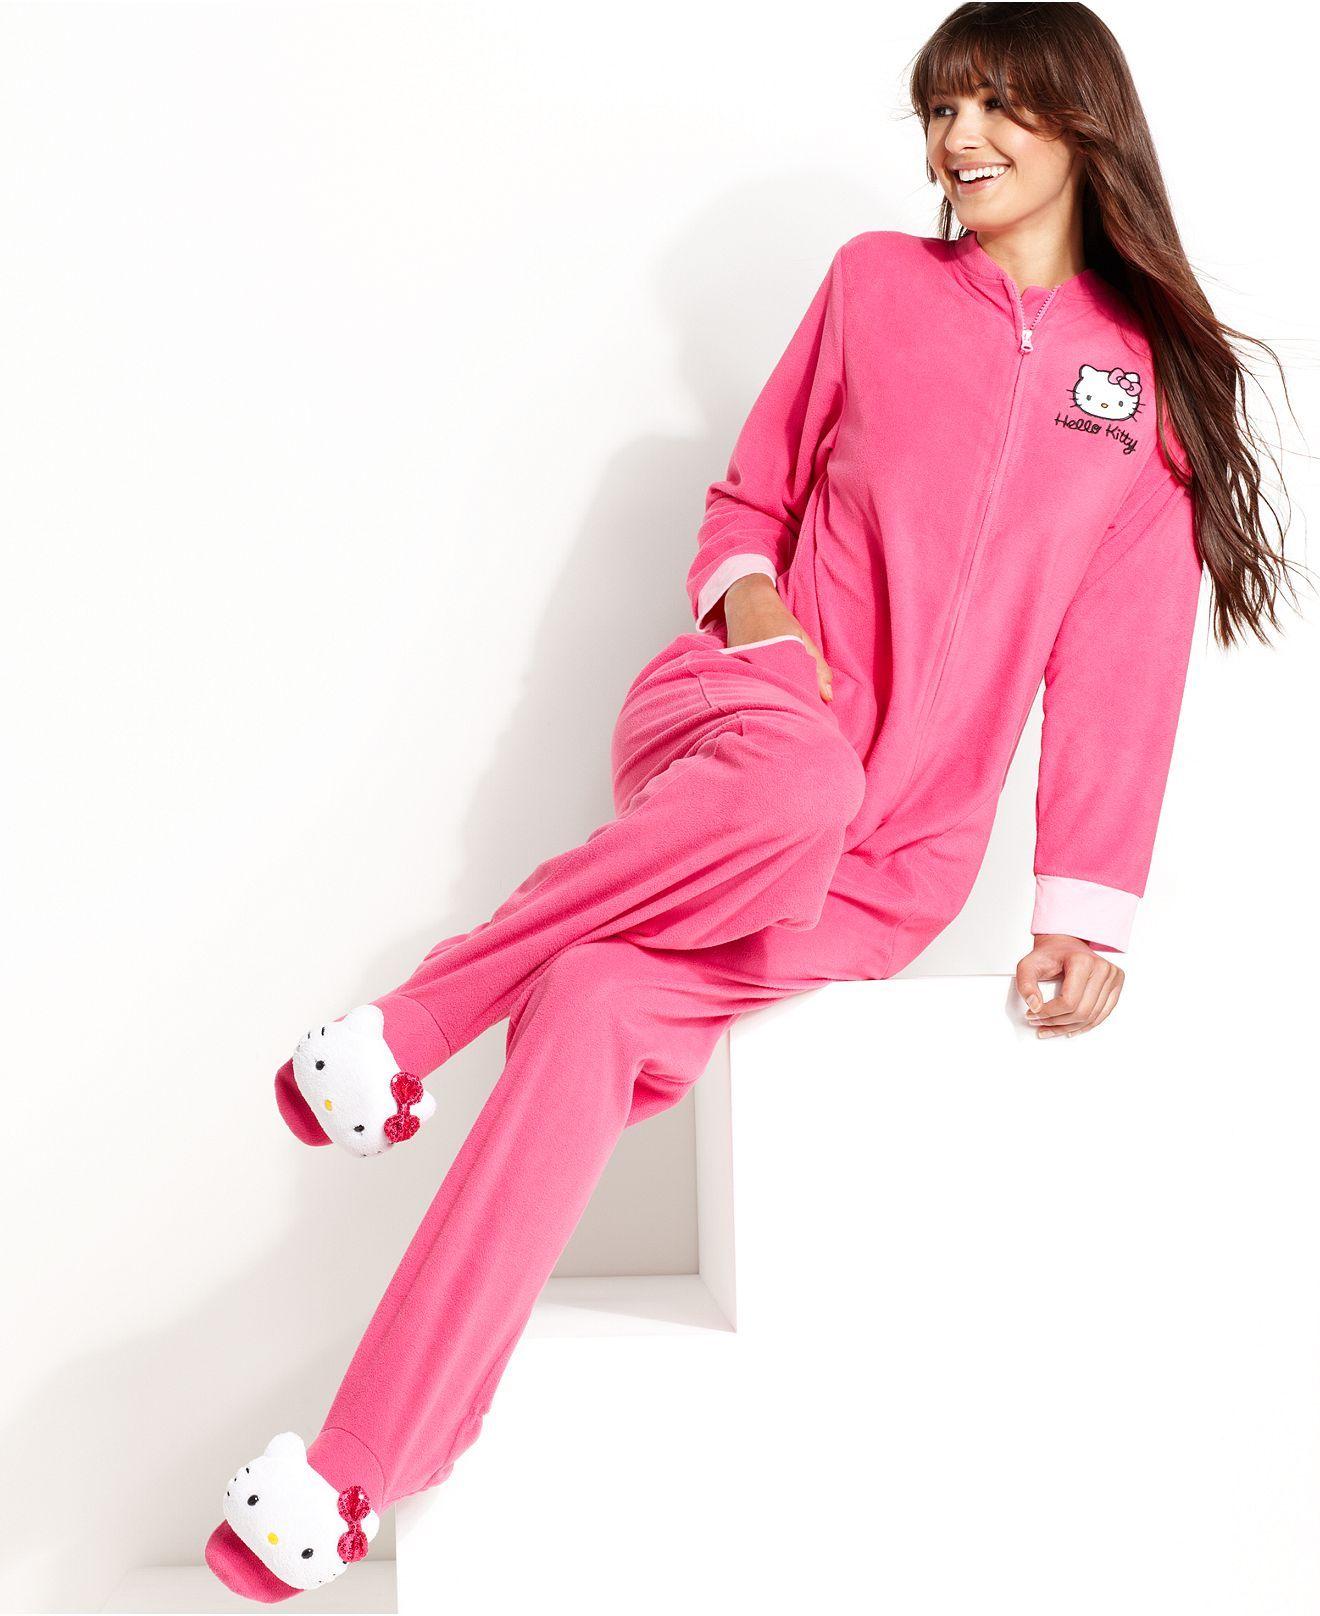 b3f6bc4fd Hello Kitty Pajamas, Bundled Up Footie Pajamas - Womens Lingerie - Macy's